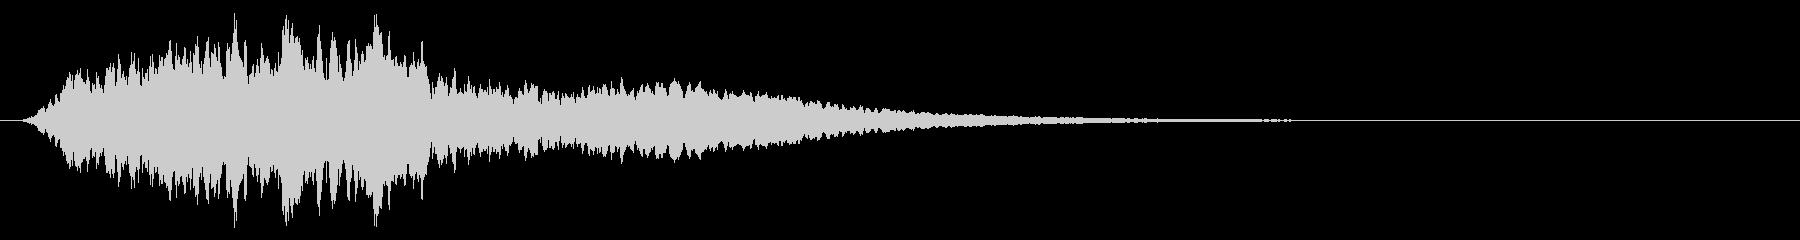 和音ファーン(落ち着いた音)の未再生の波形